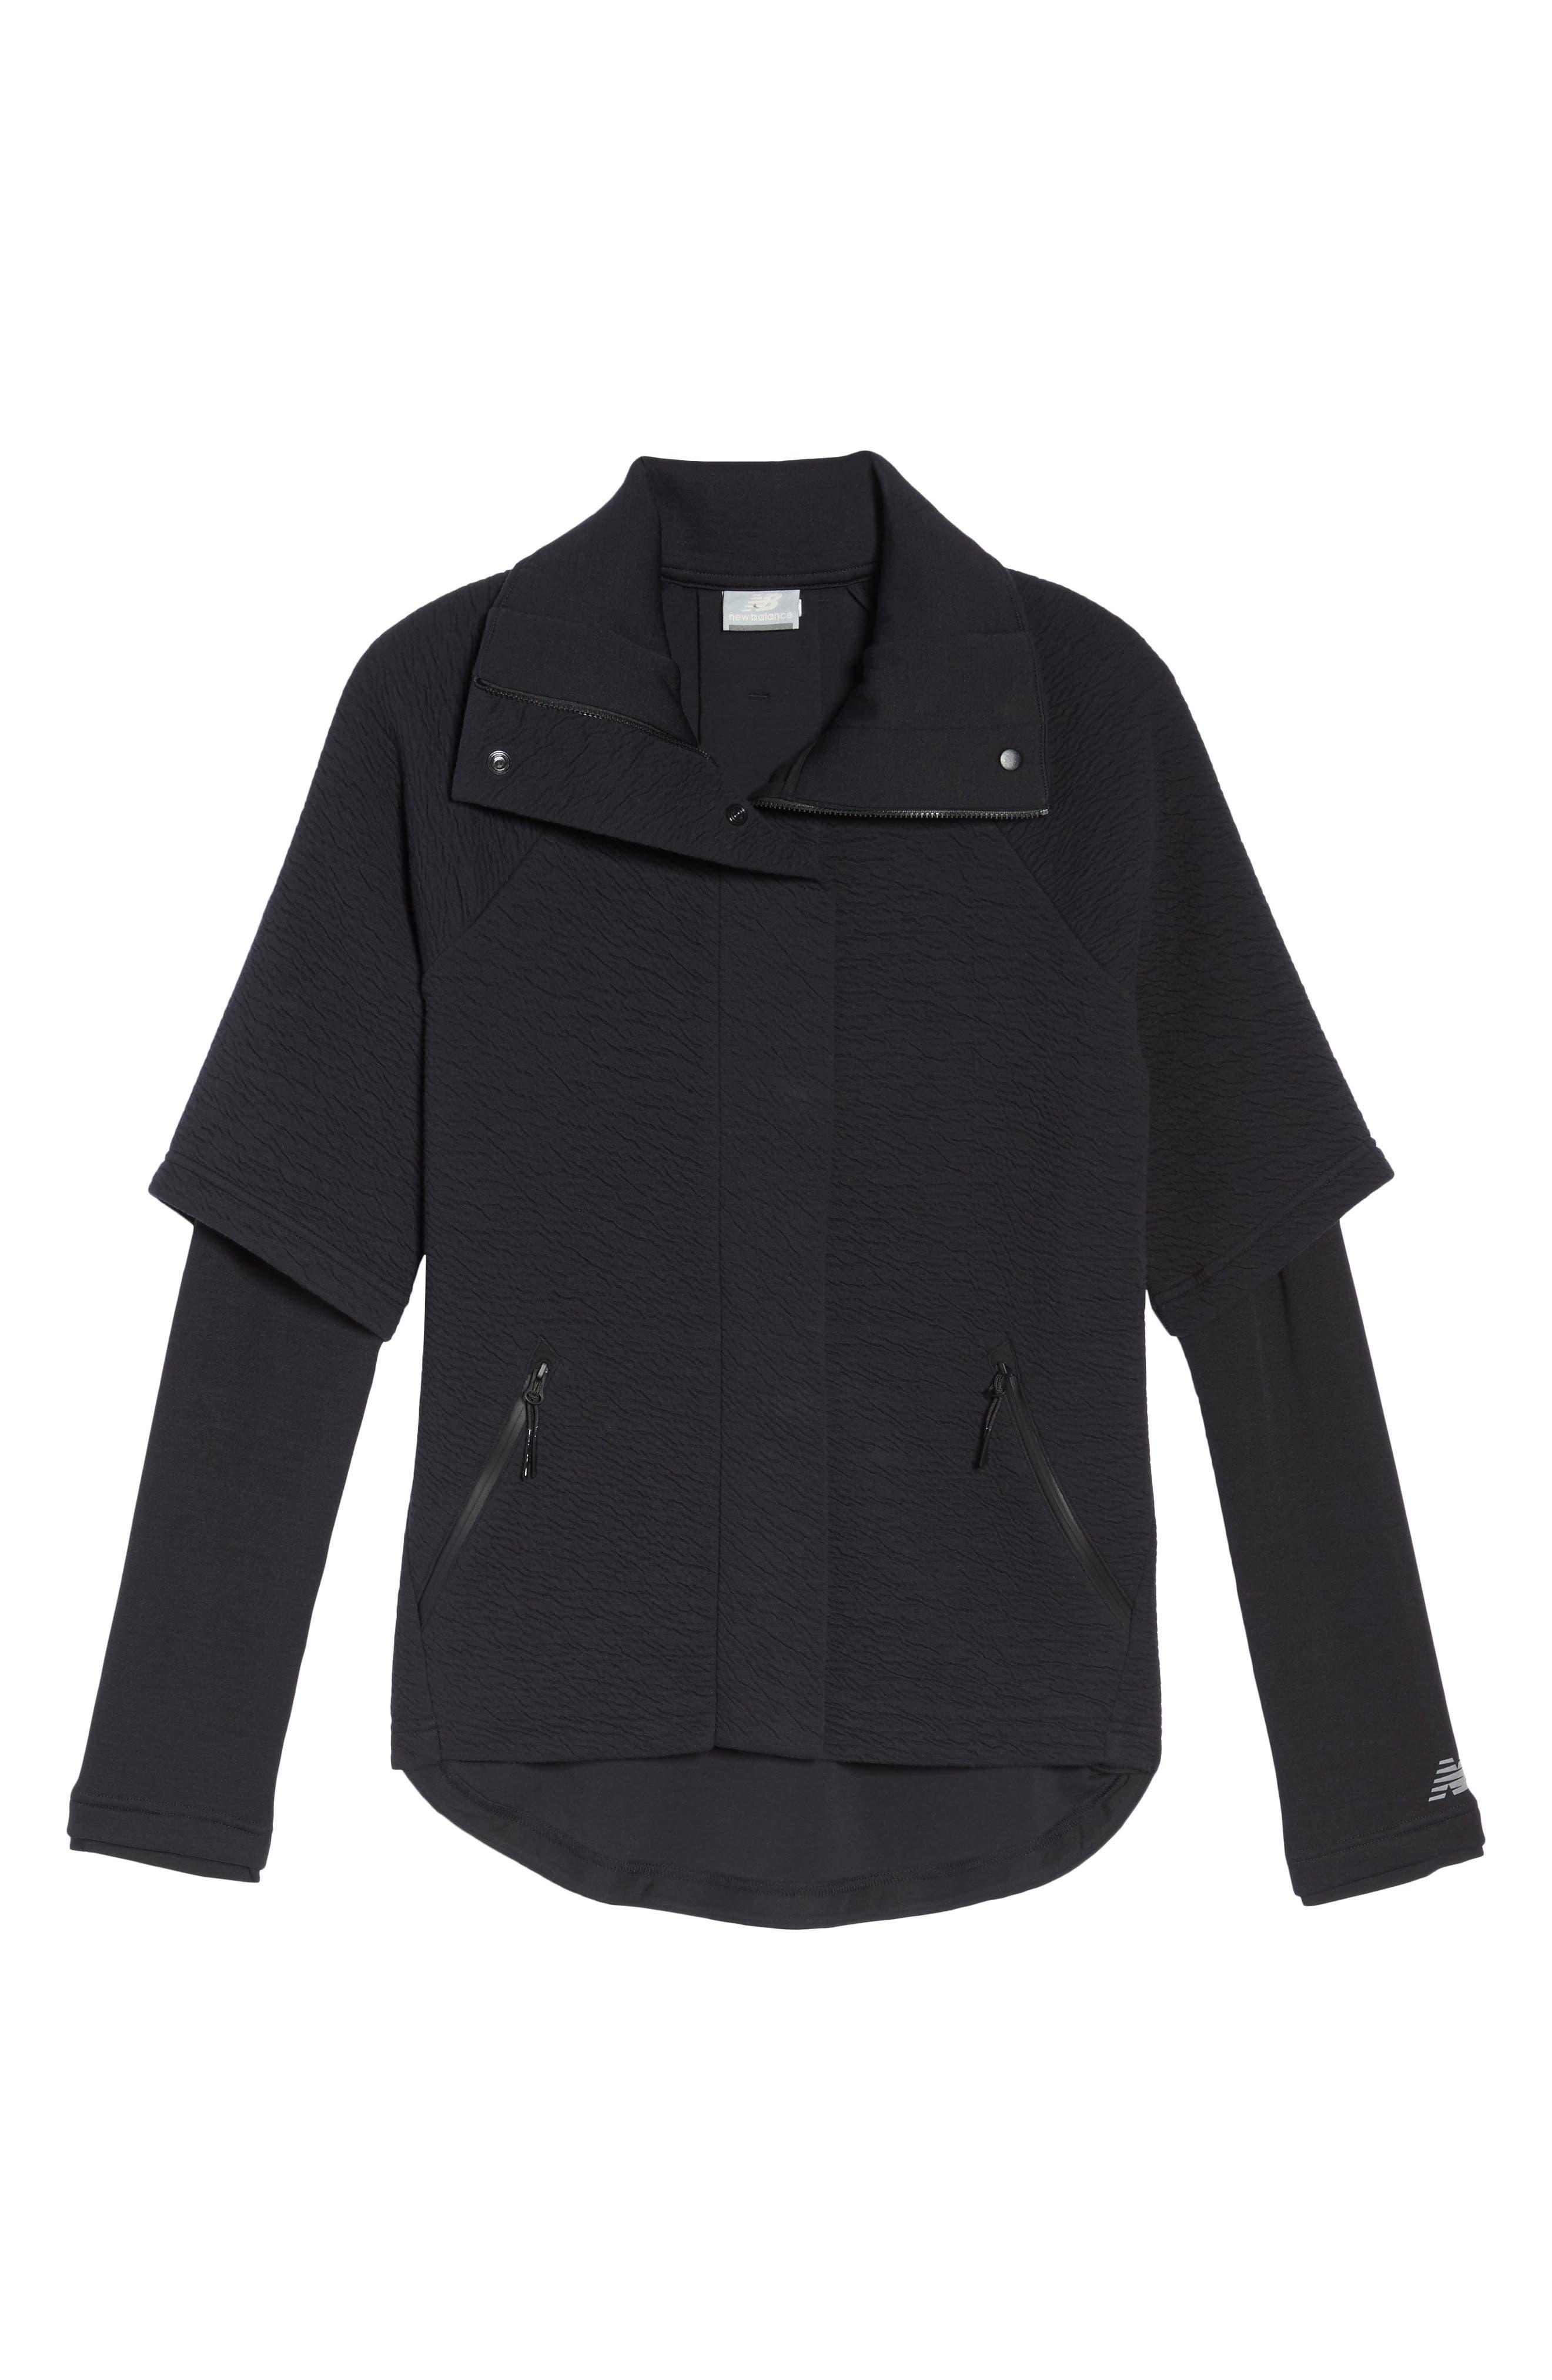 Heat Knit Drape Jacket,                             Alternate thumbnail 6, color,                             001